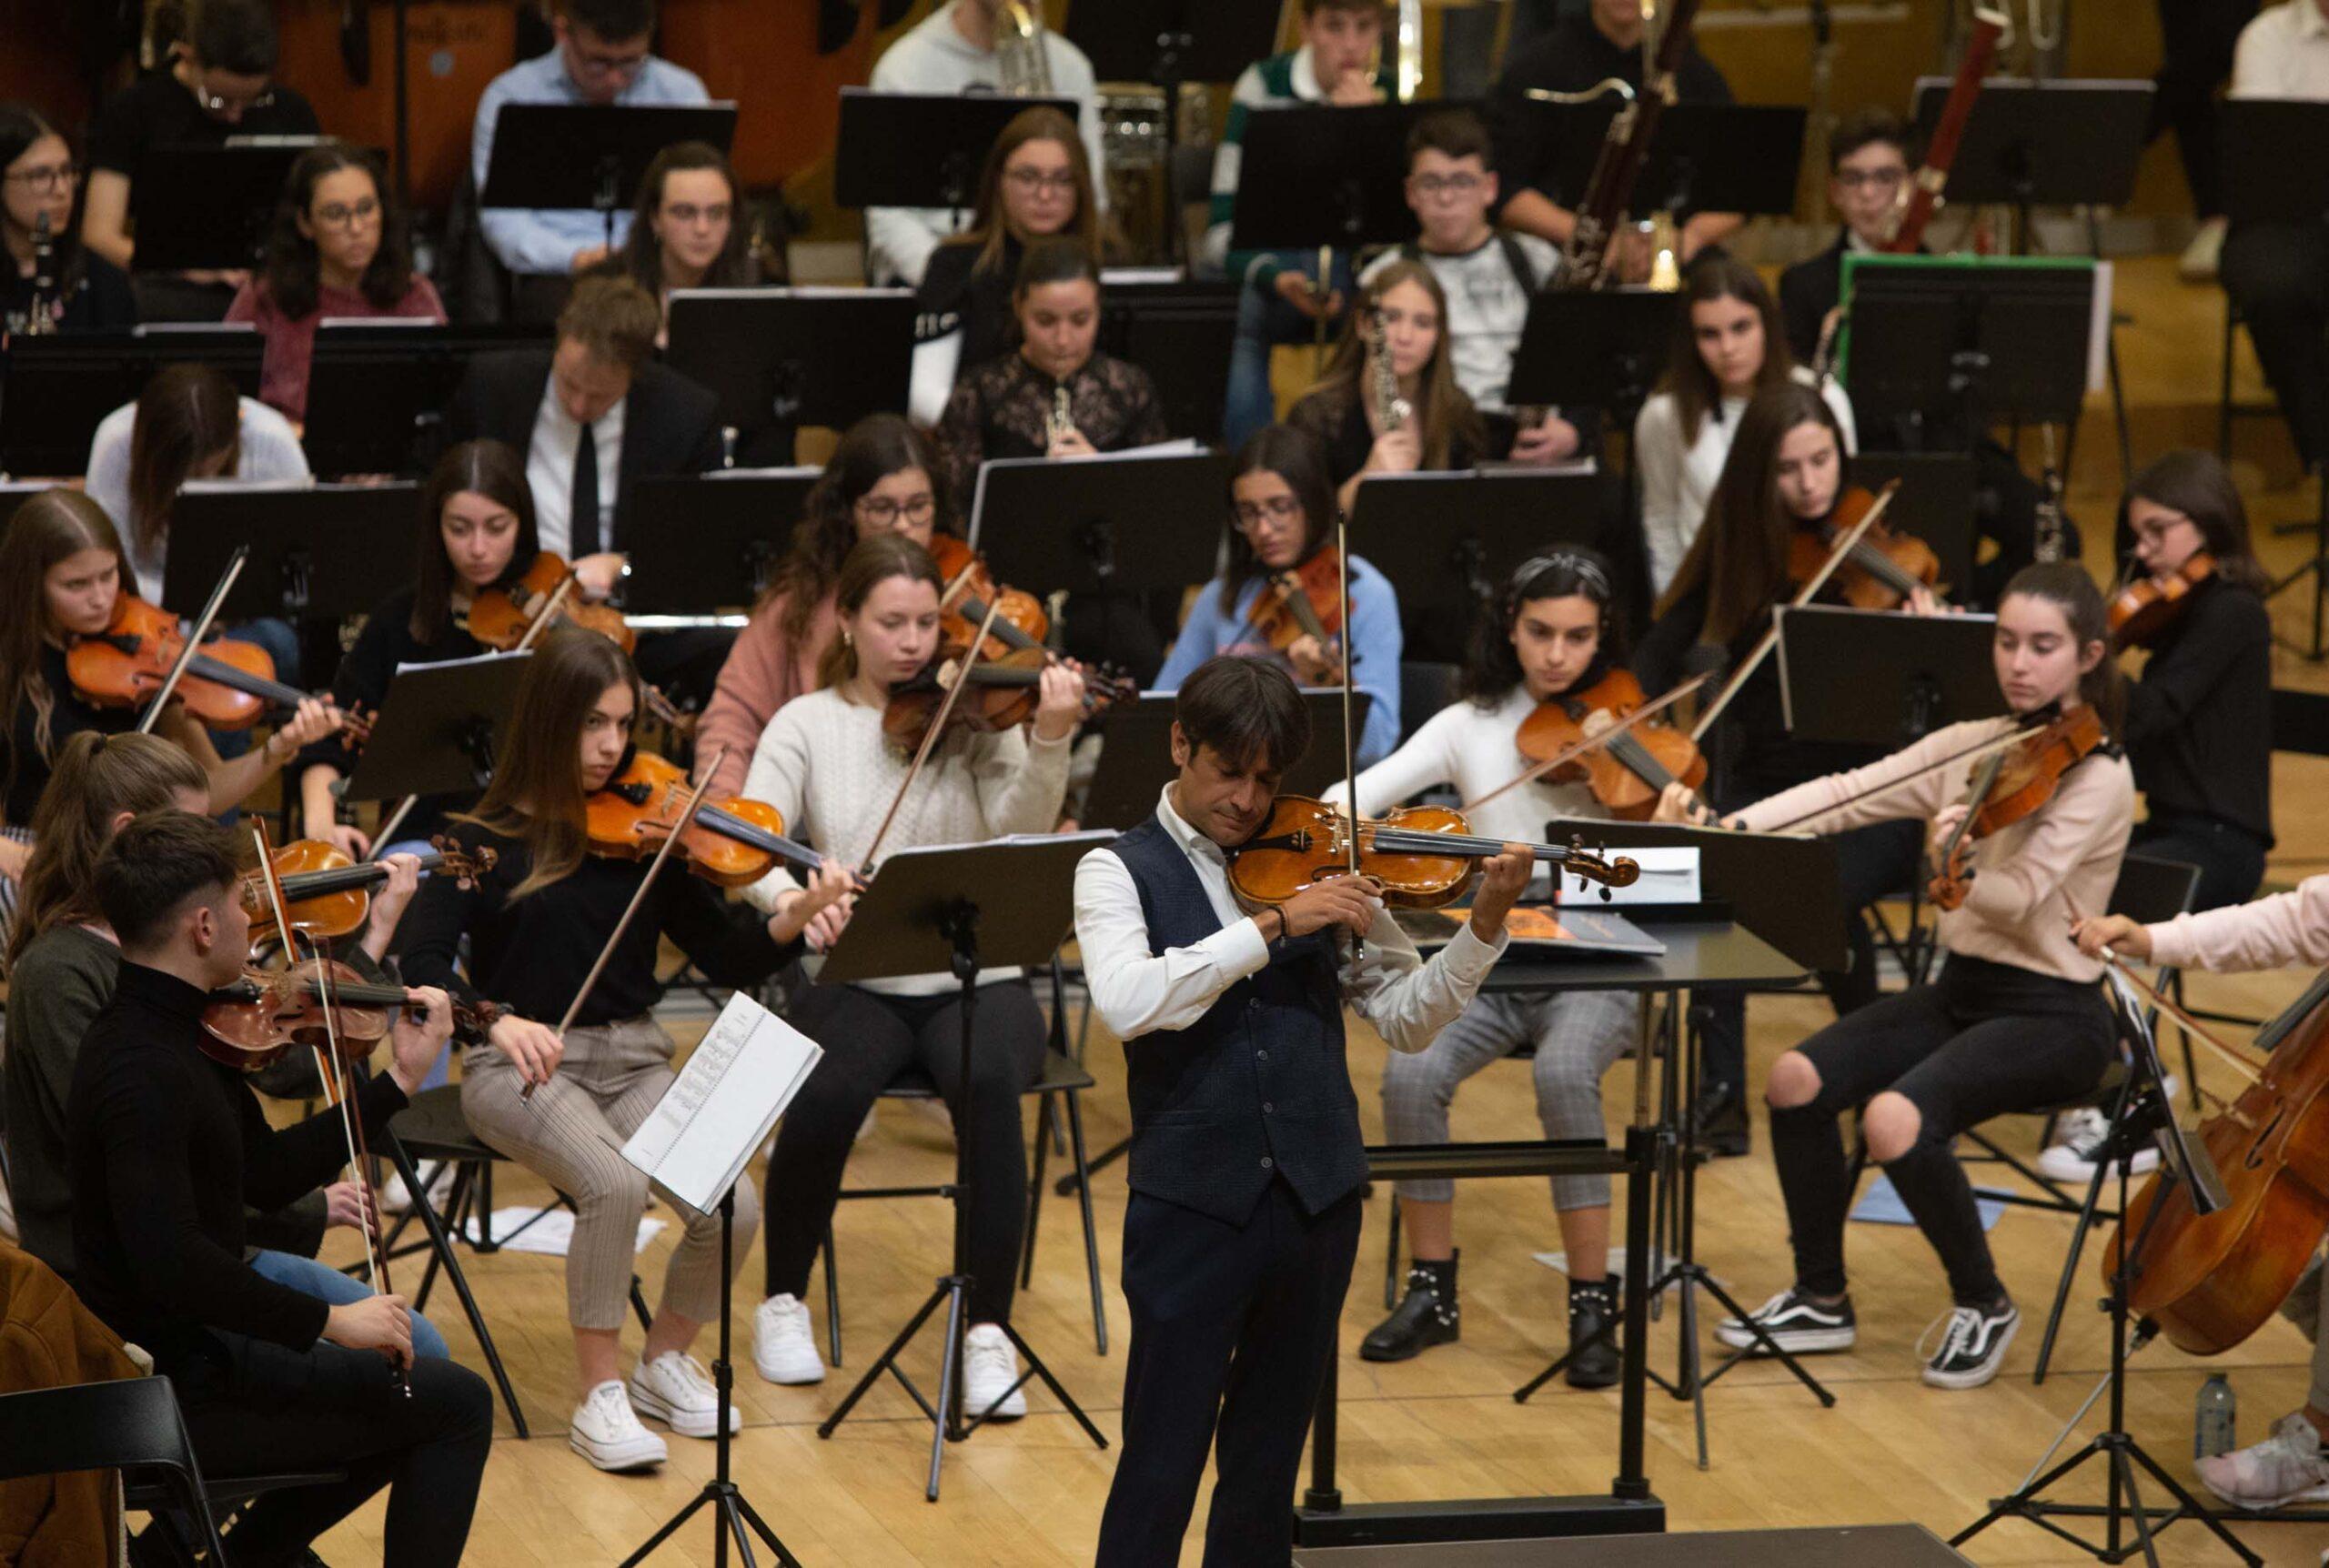 Imagen destacada La Orquesta de Jóvenes de Alicante ofrecerá un concierto por el 9 d'octubre